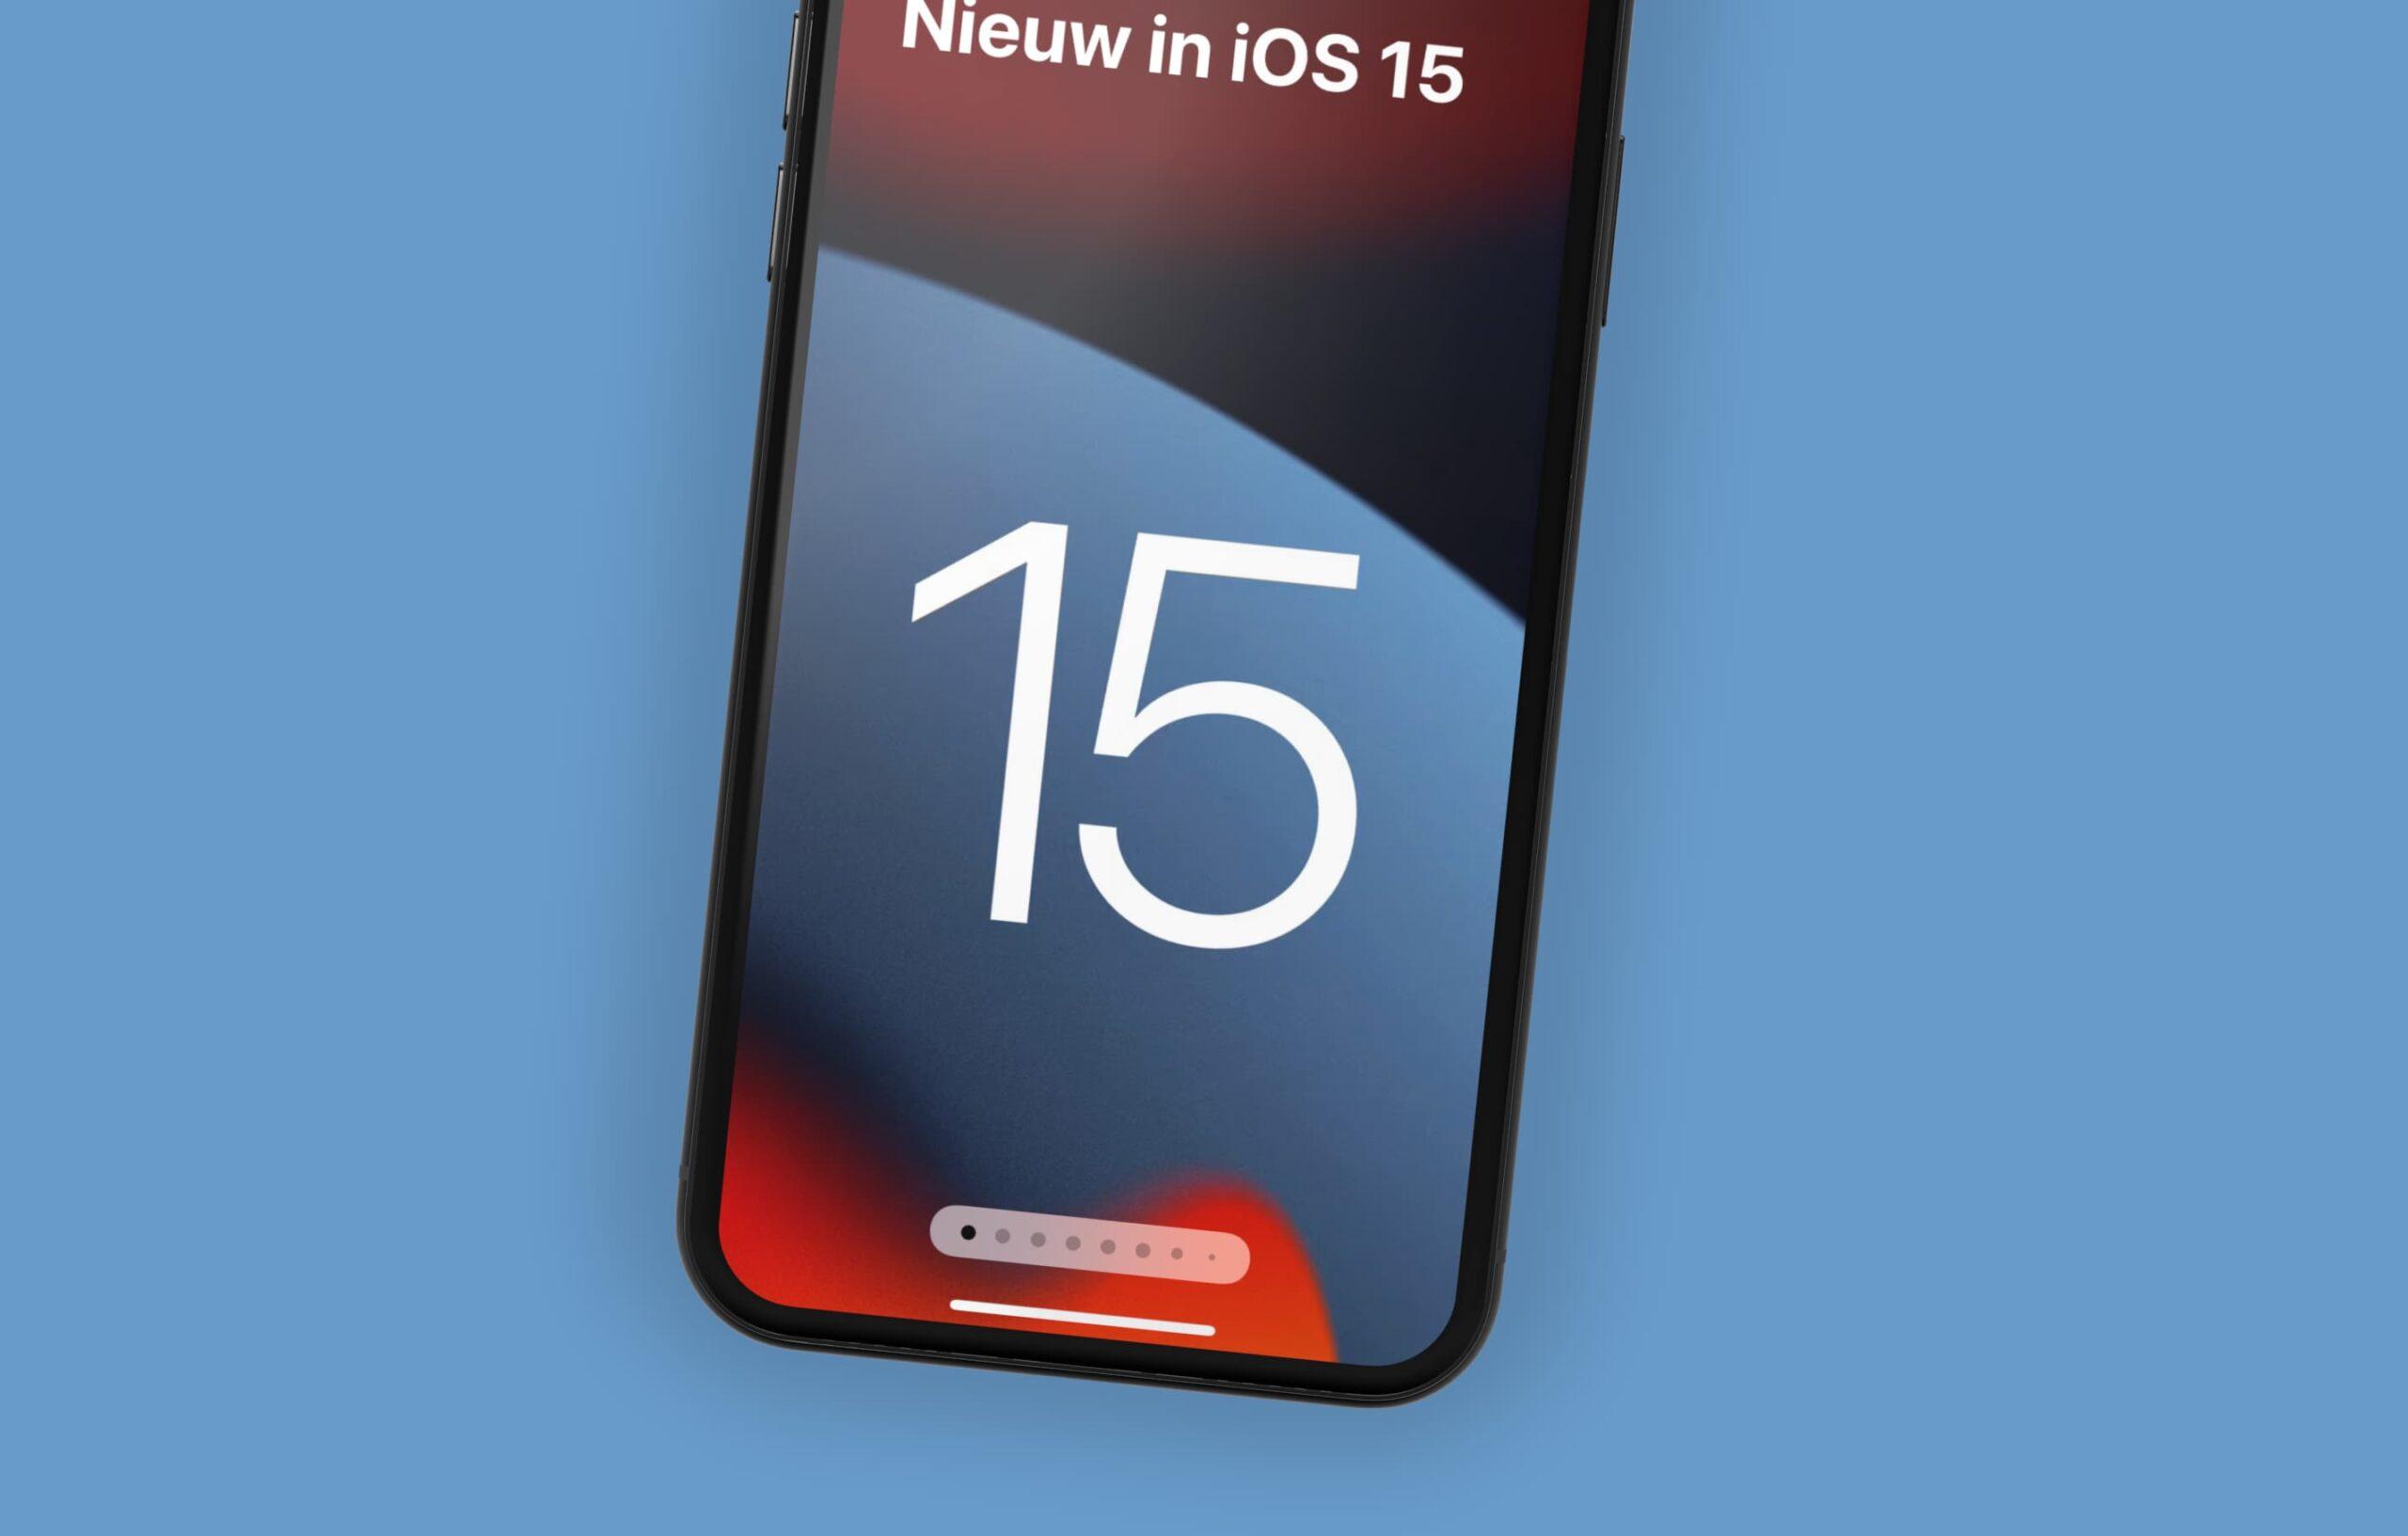 nieuw in iOS 15